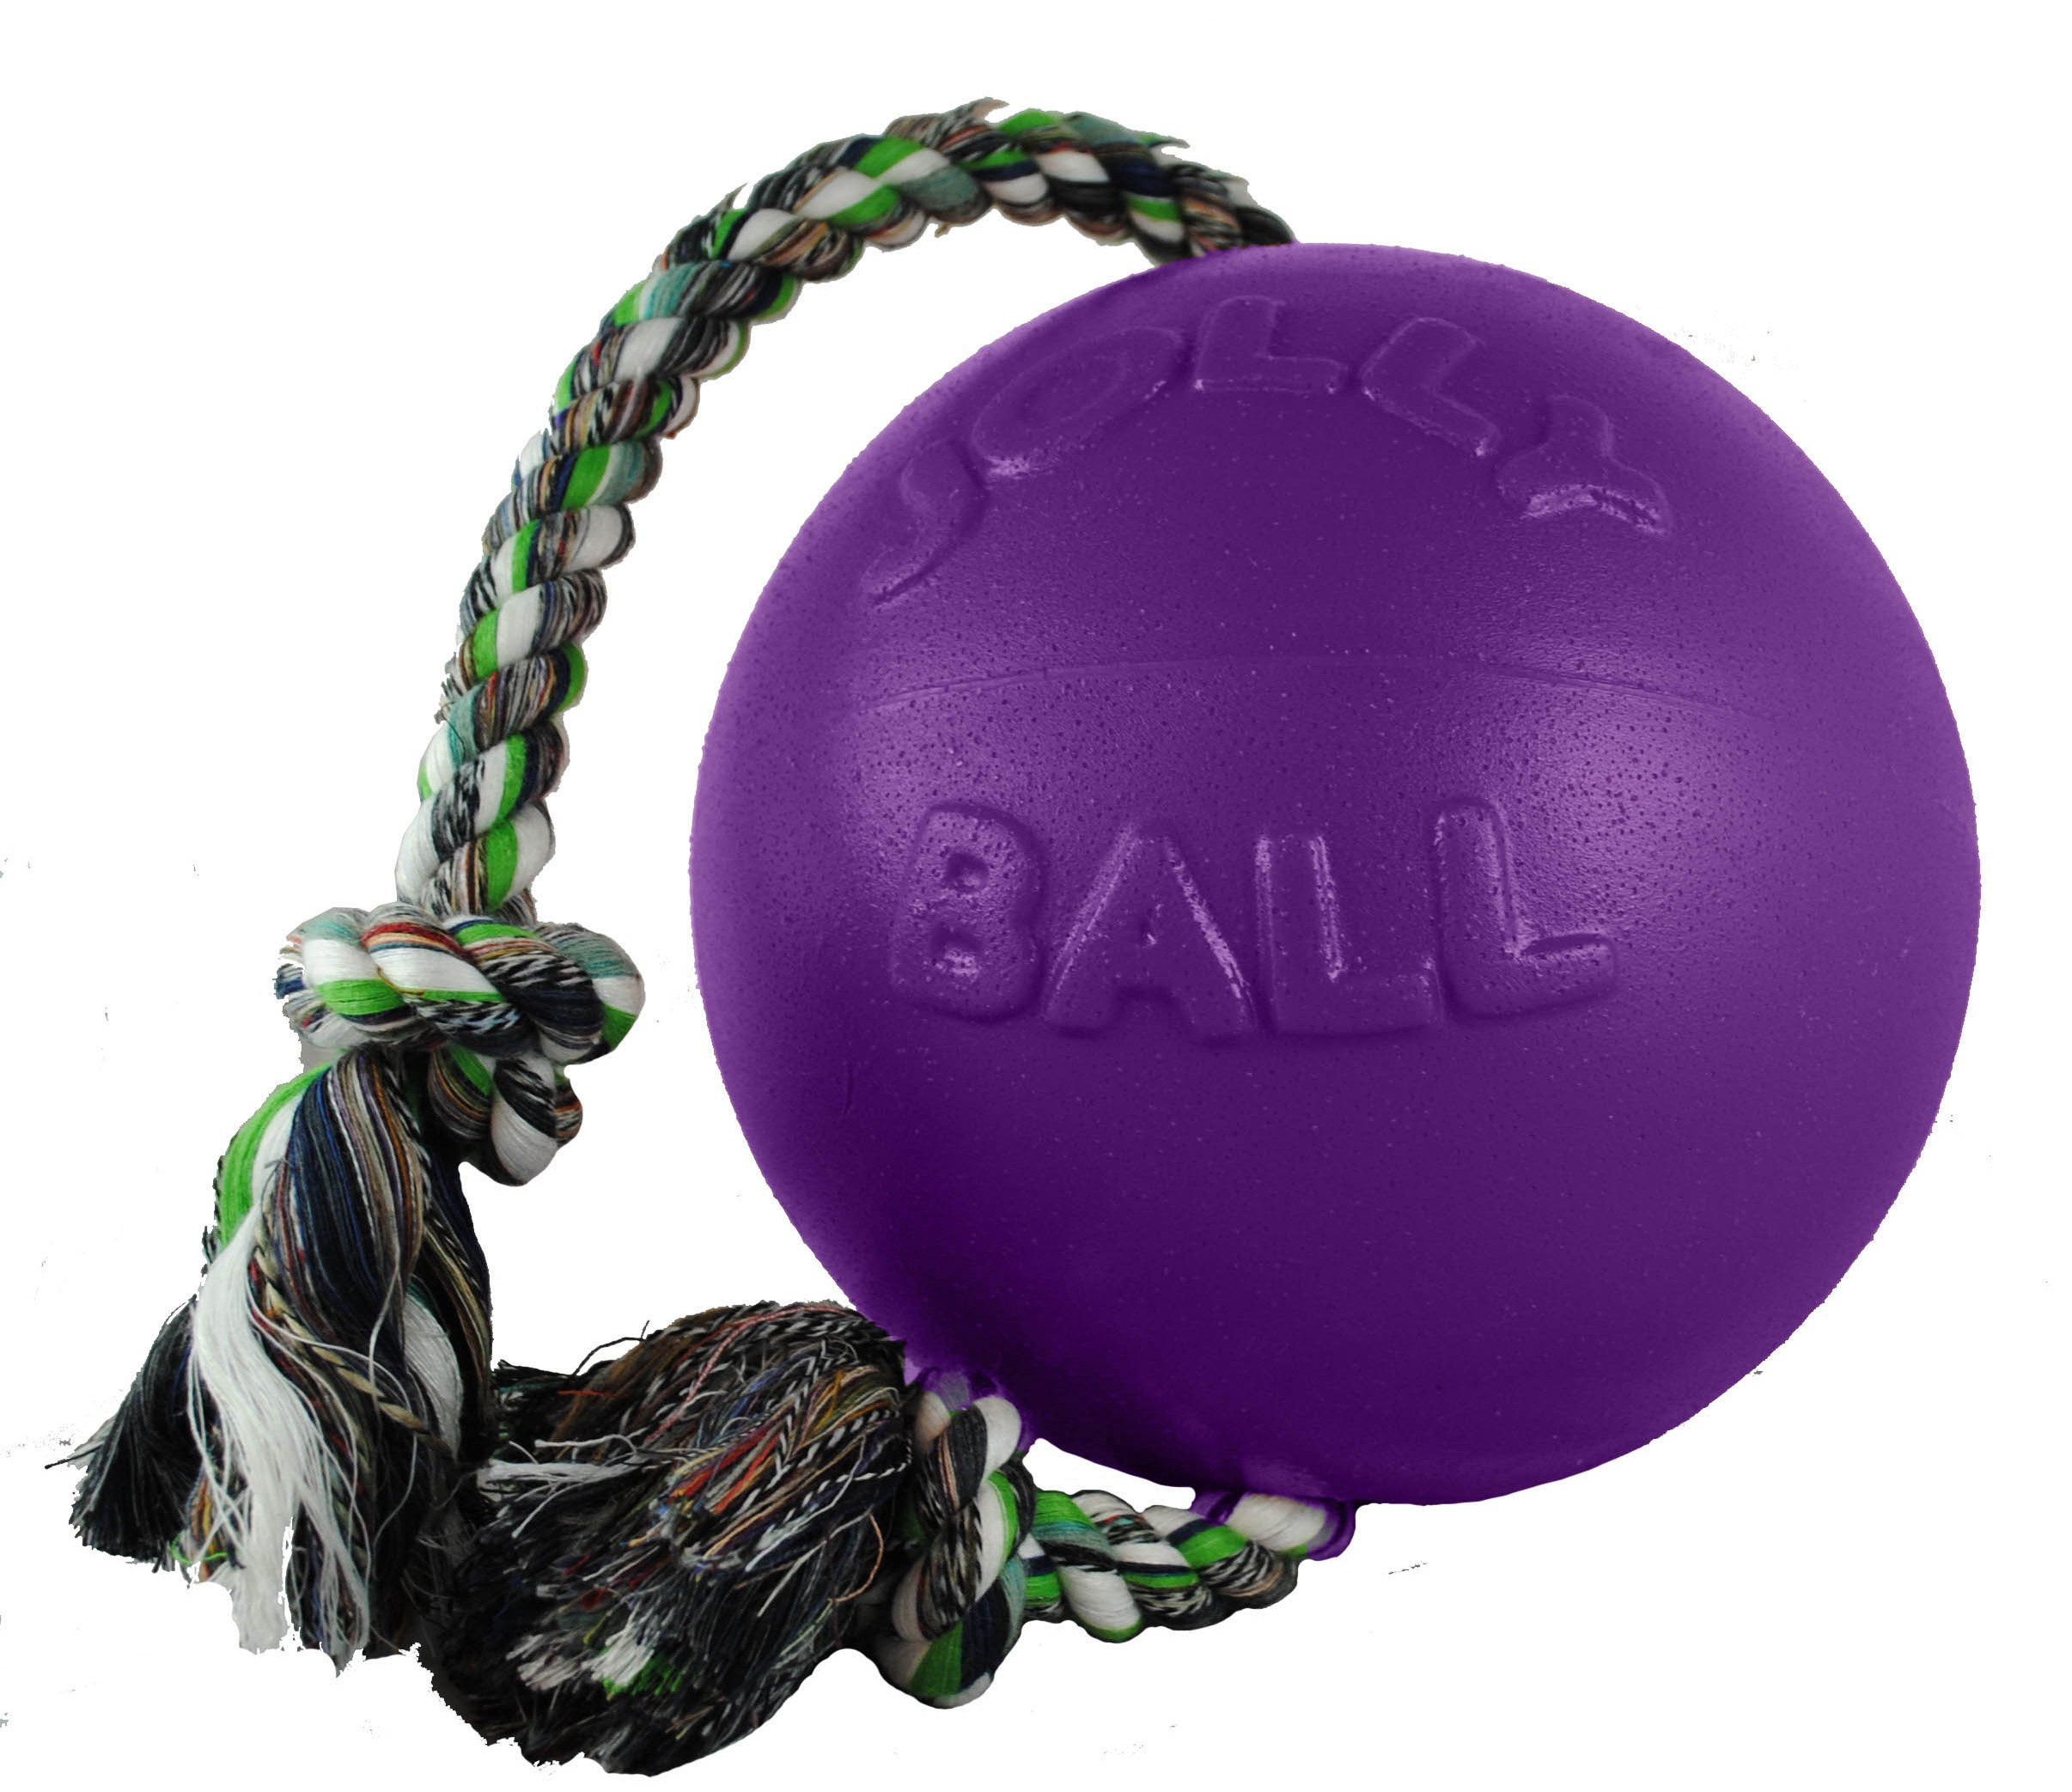 Jolly Pets 6-Inch Romp-n-Roll, Purple